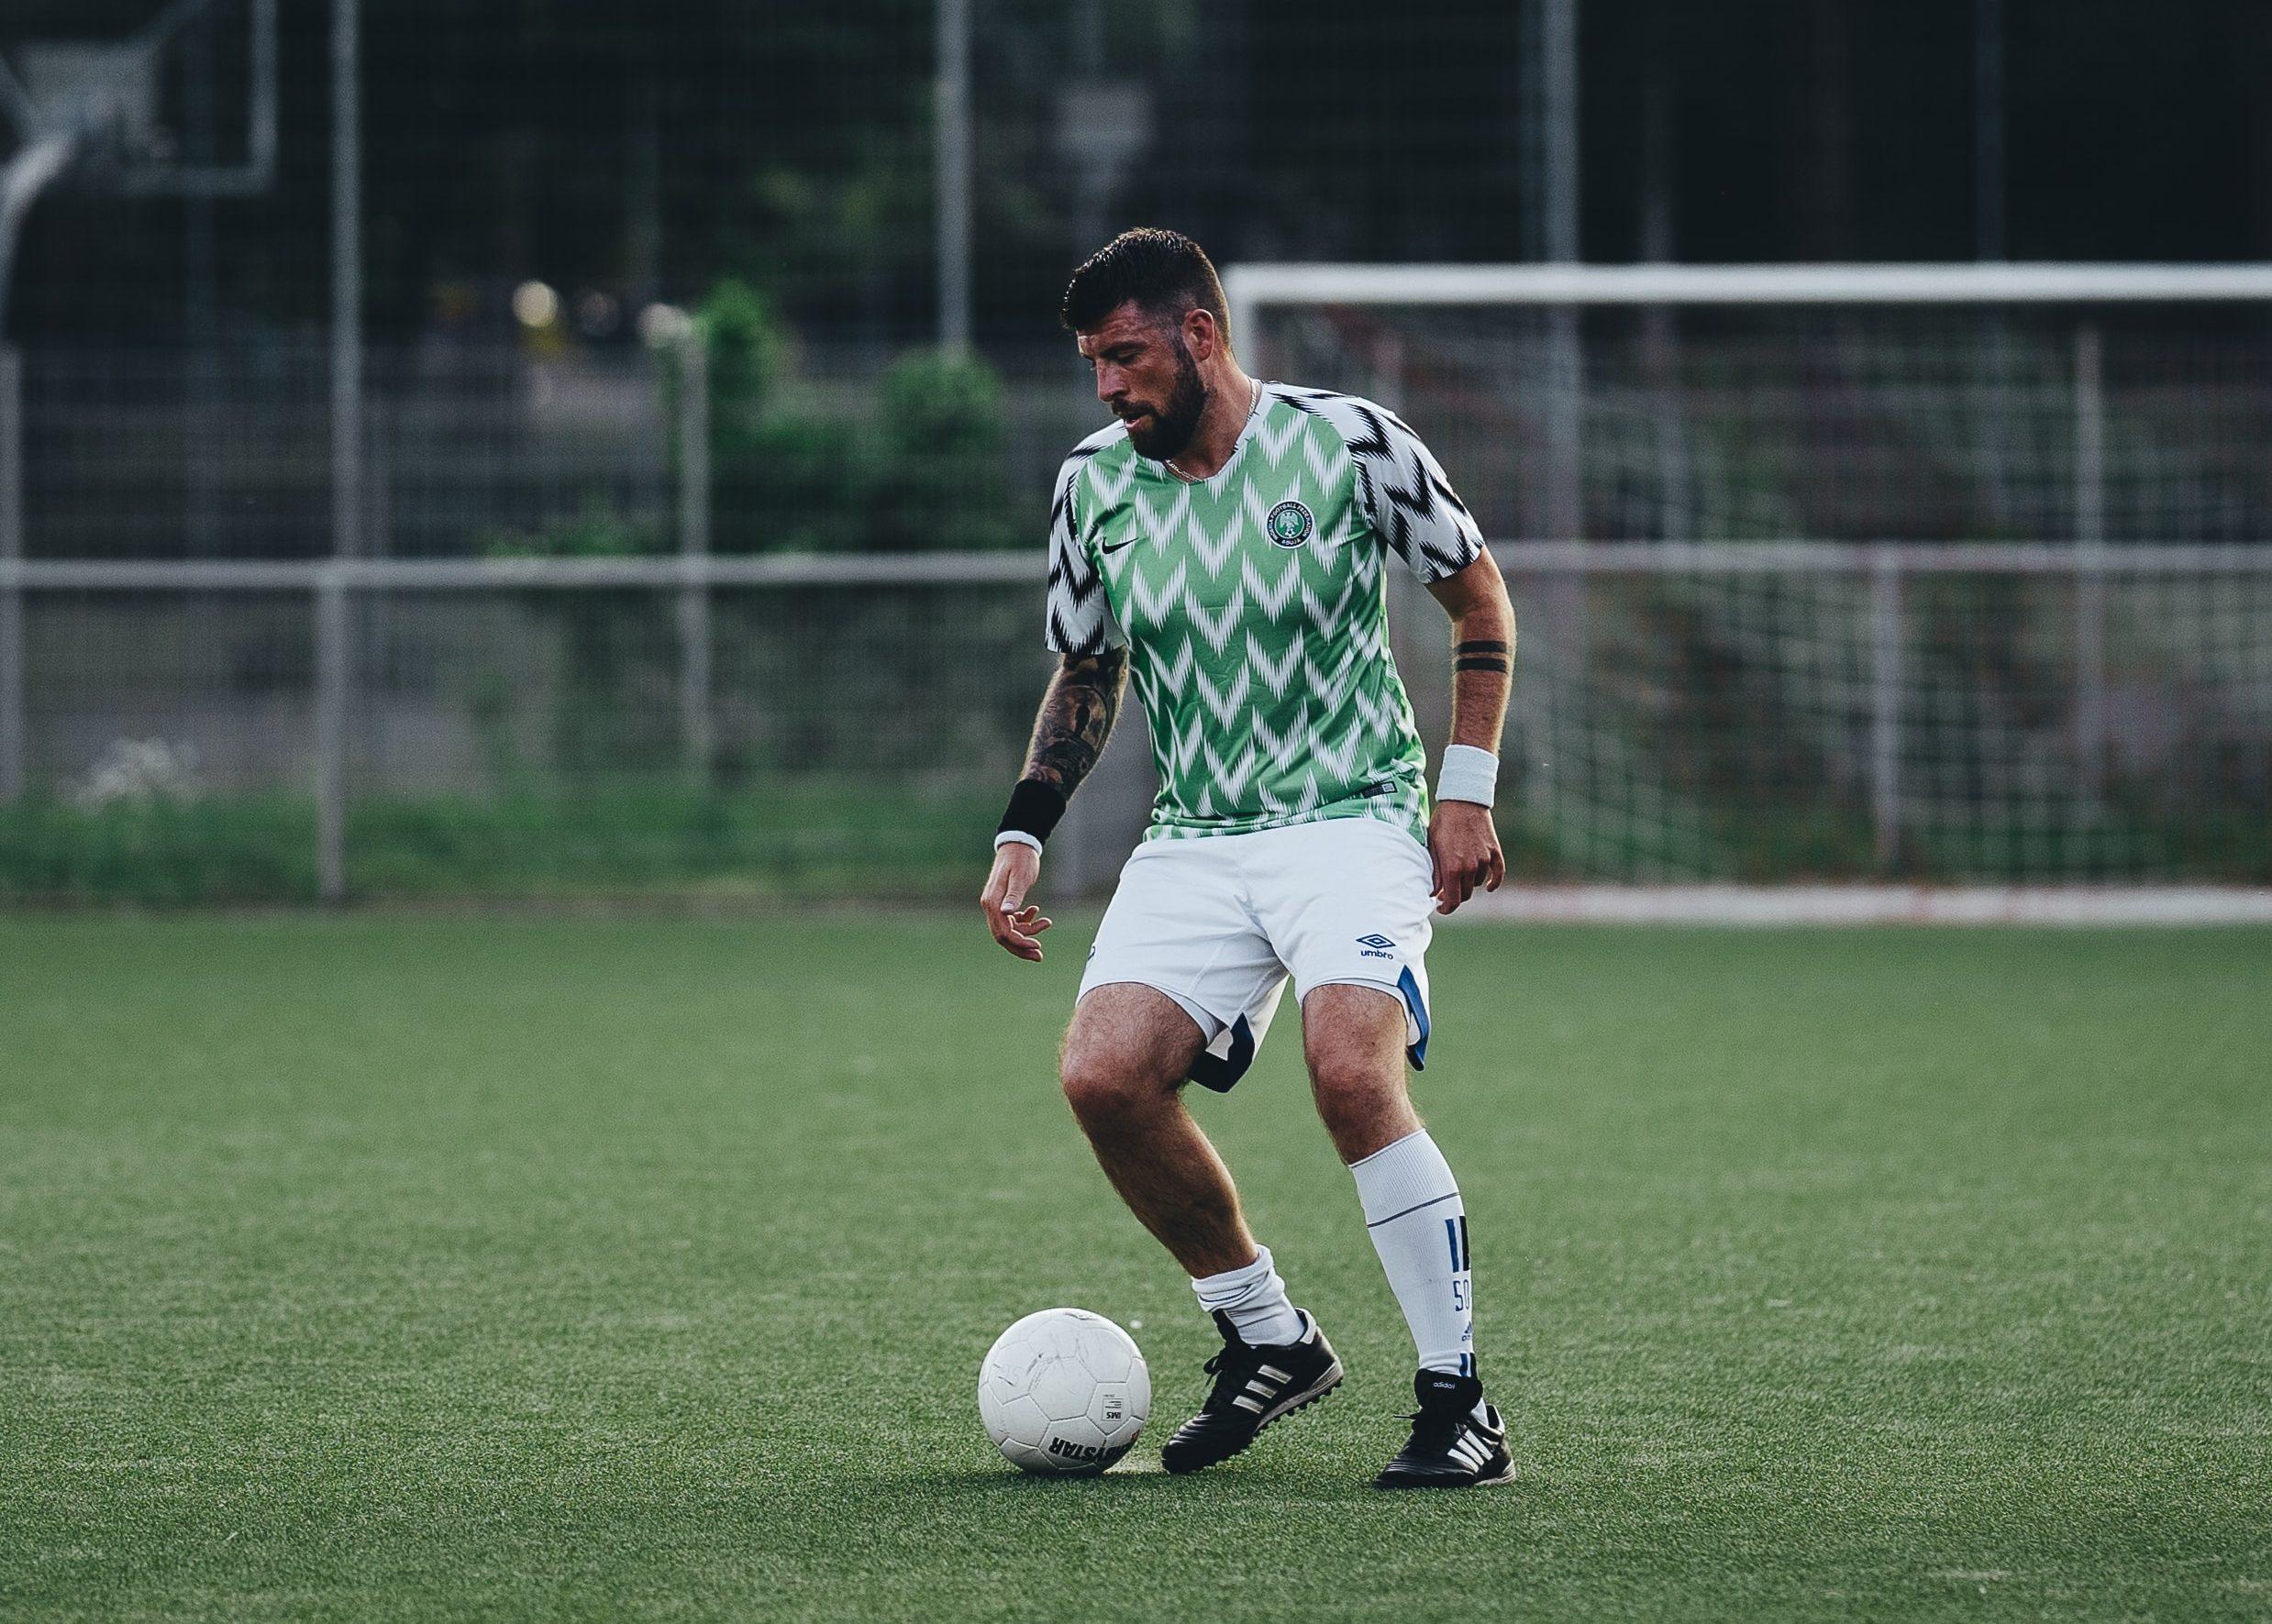 futbolista de calentamiento